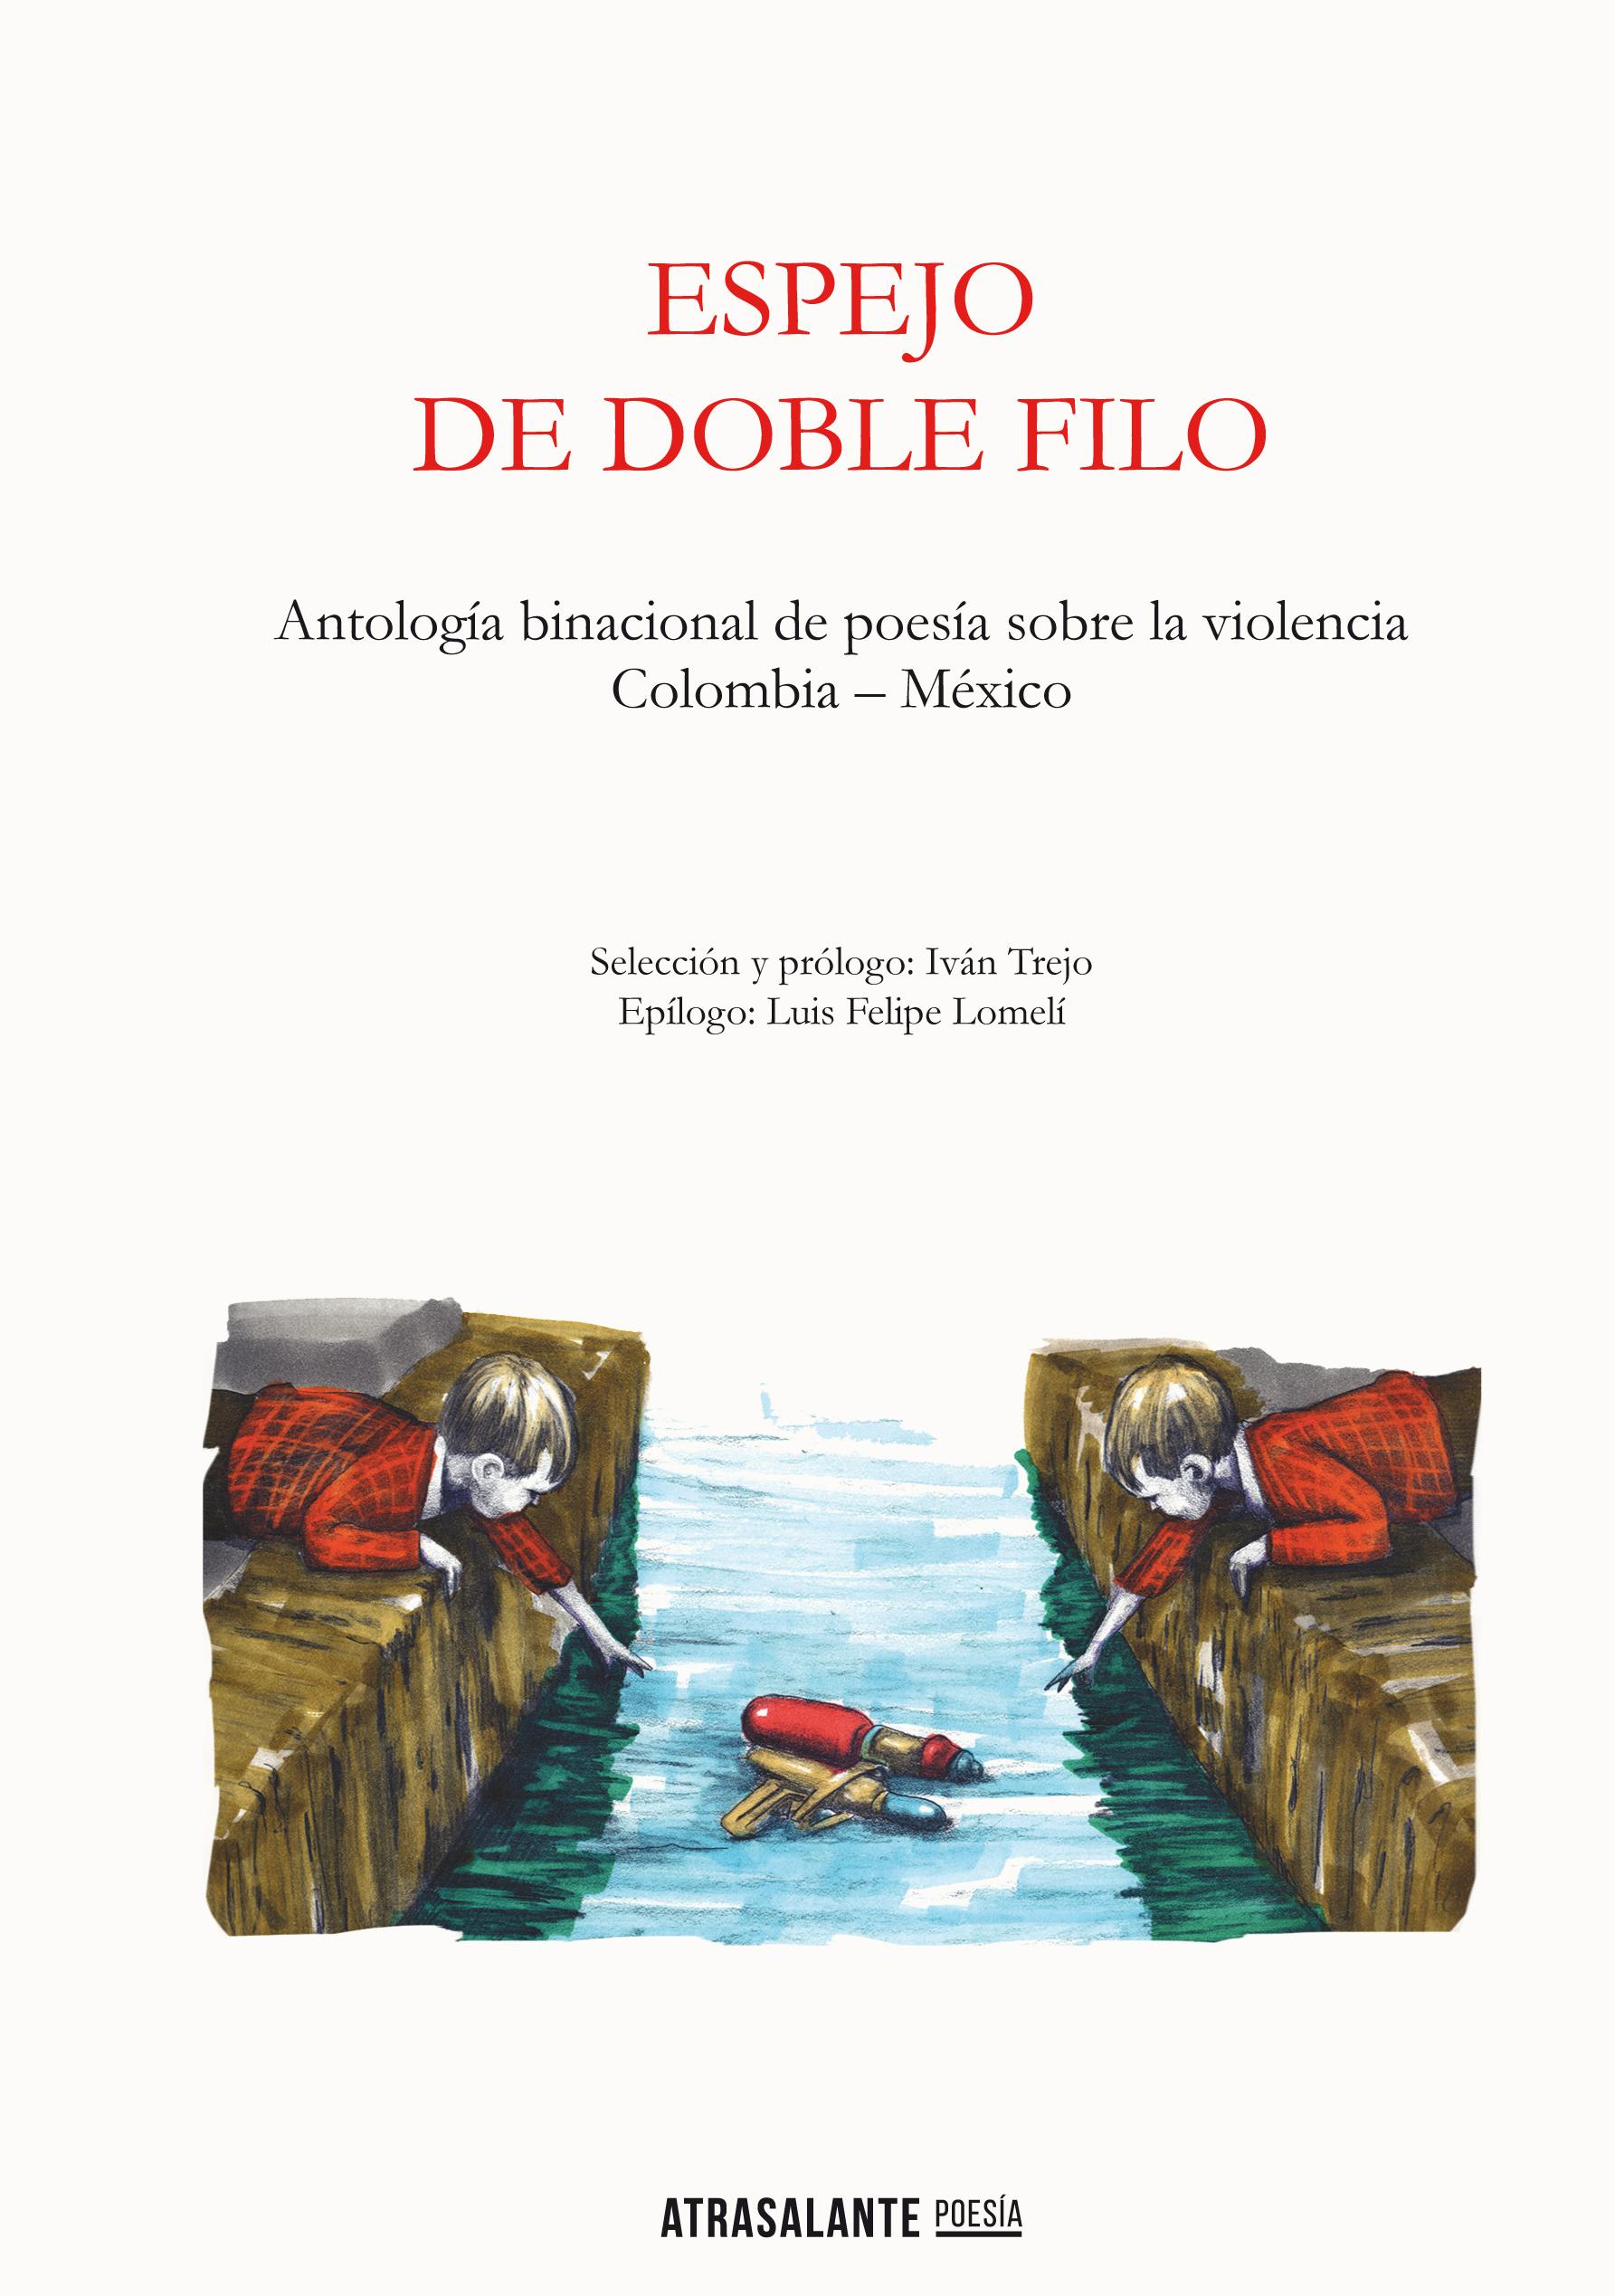 Espejo de doble filo – Antología binacional de poesía sobre la violencia